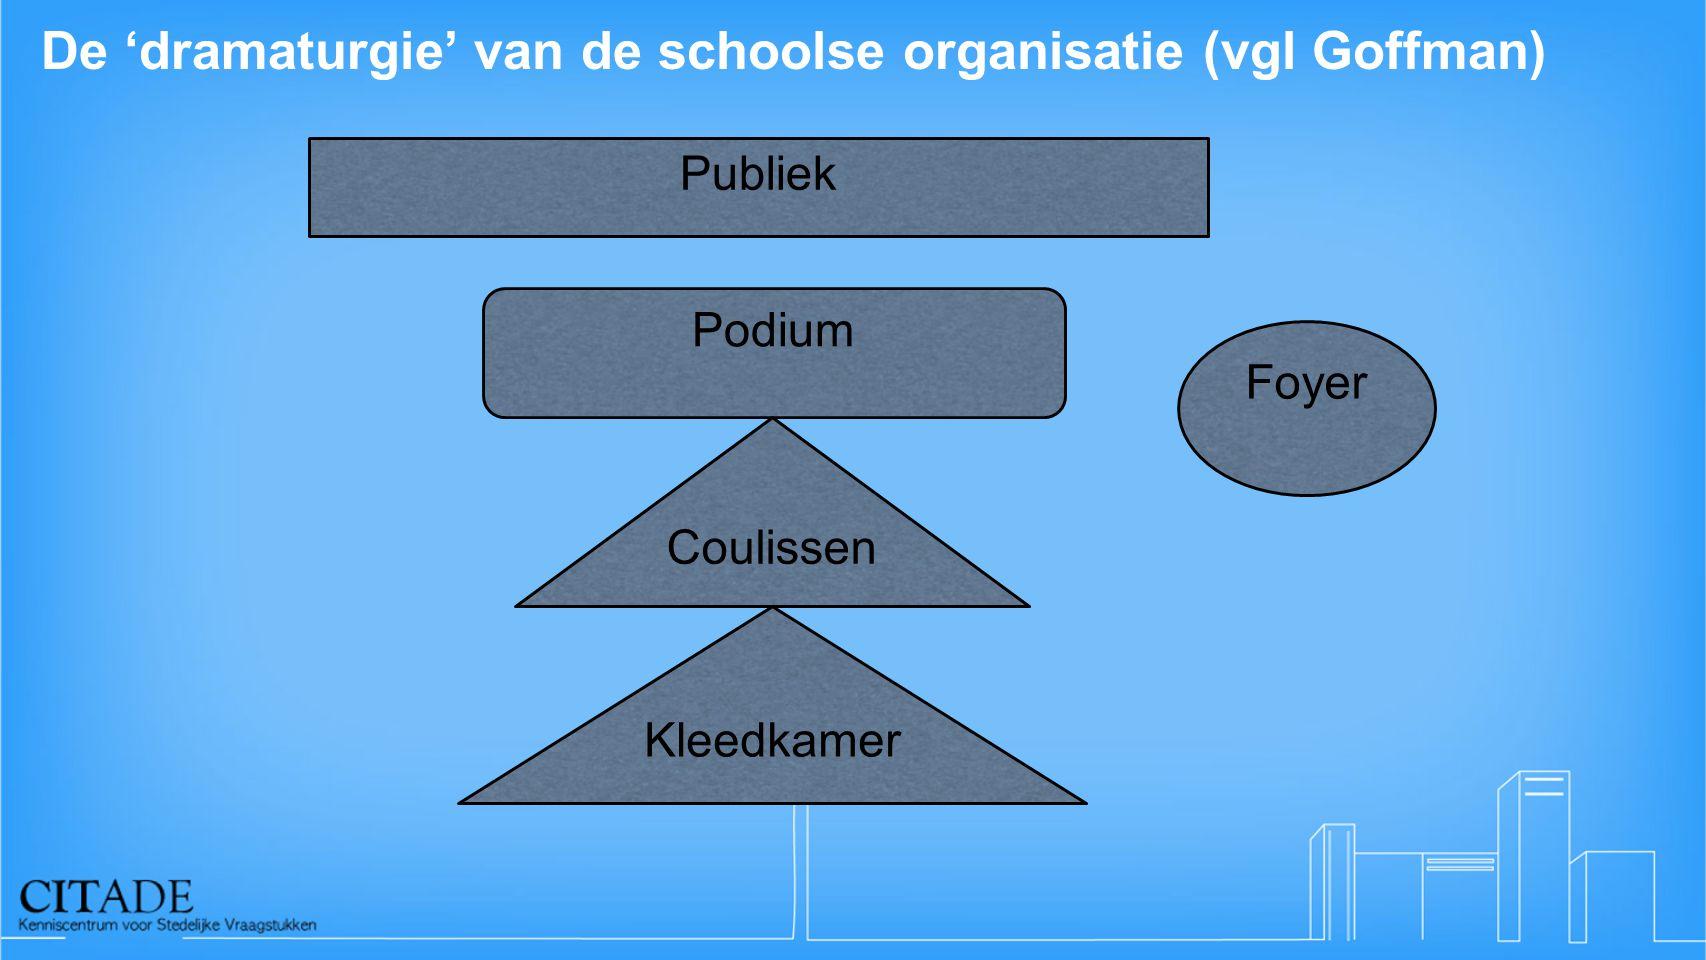 De 'dramaturgie' van de schoolse organisatie (vgl Goffman)